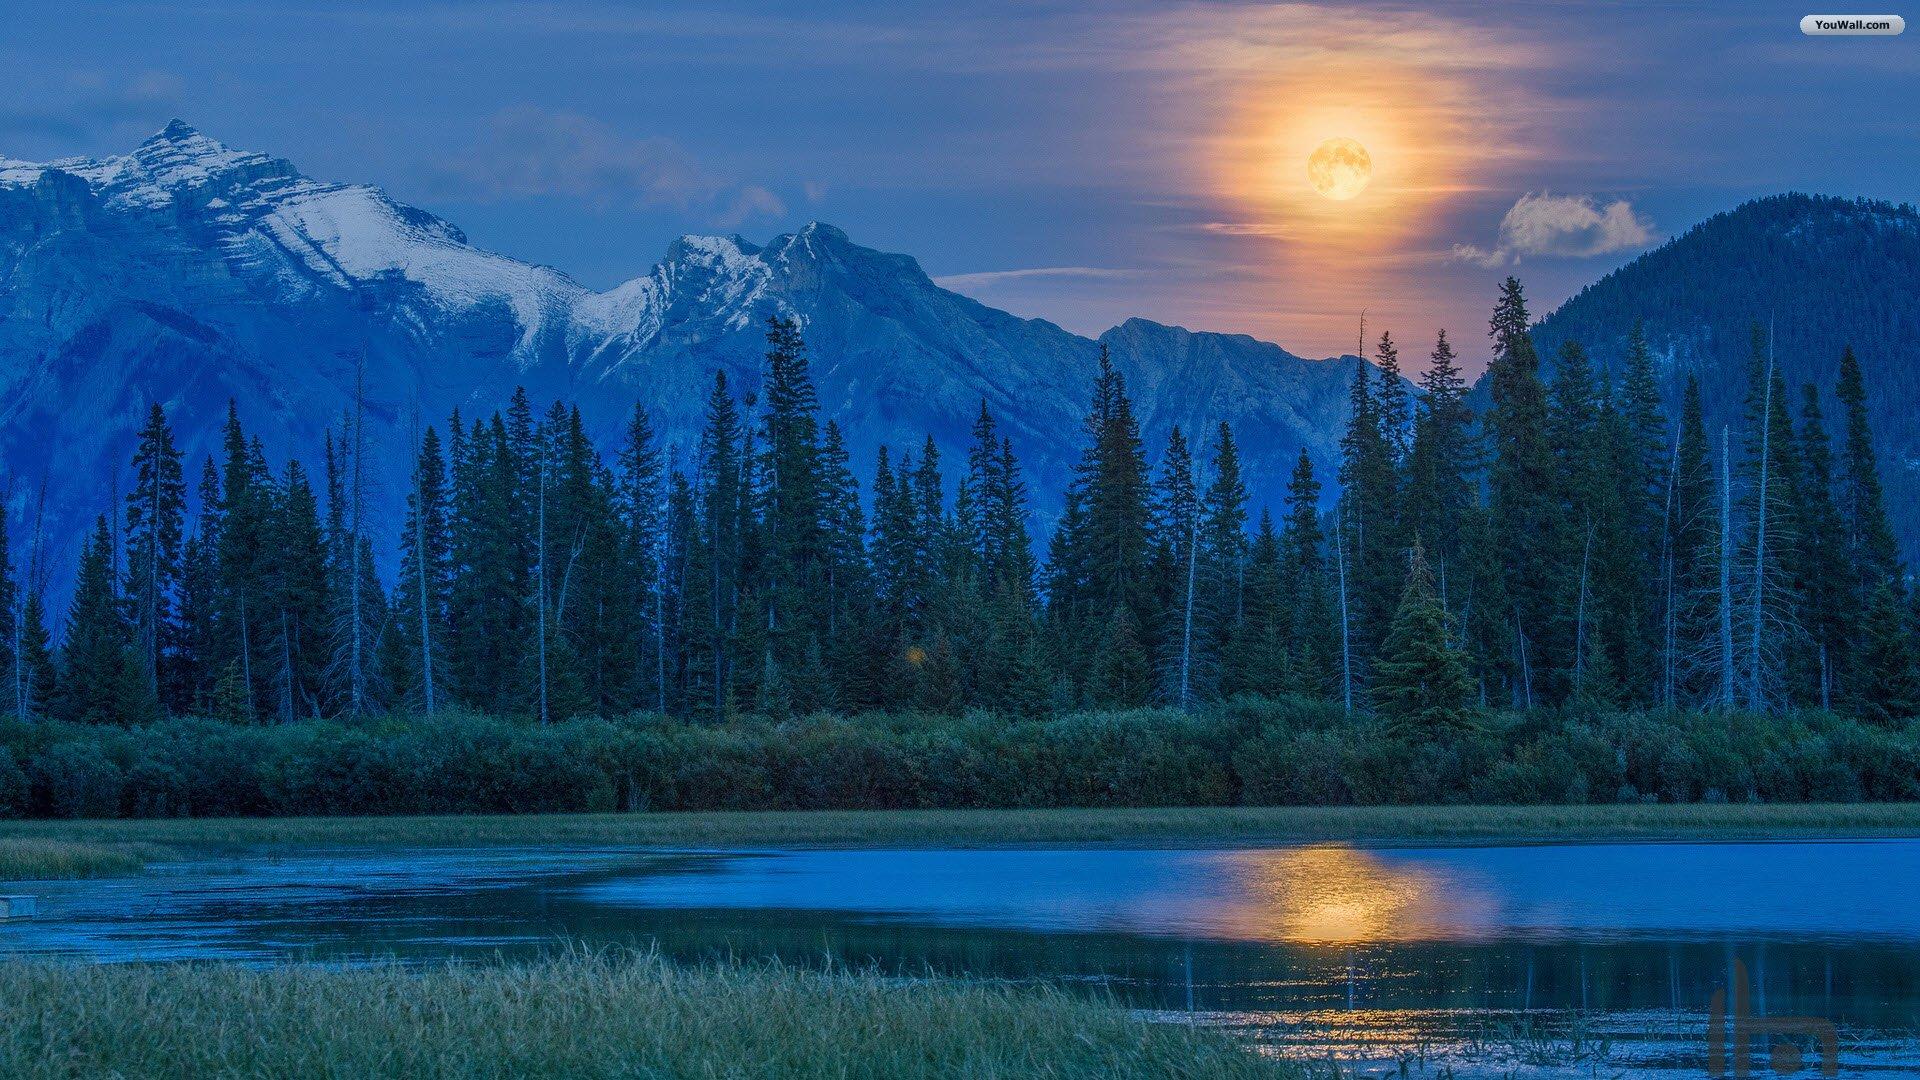 Mountain Lake Sunset Wallpaper 1920x1080